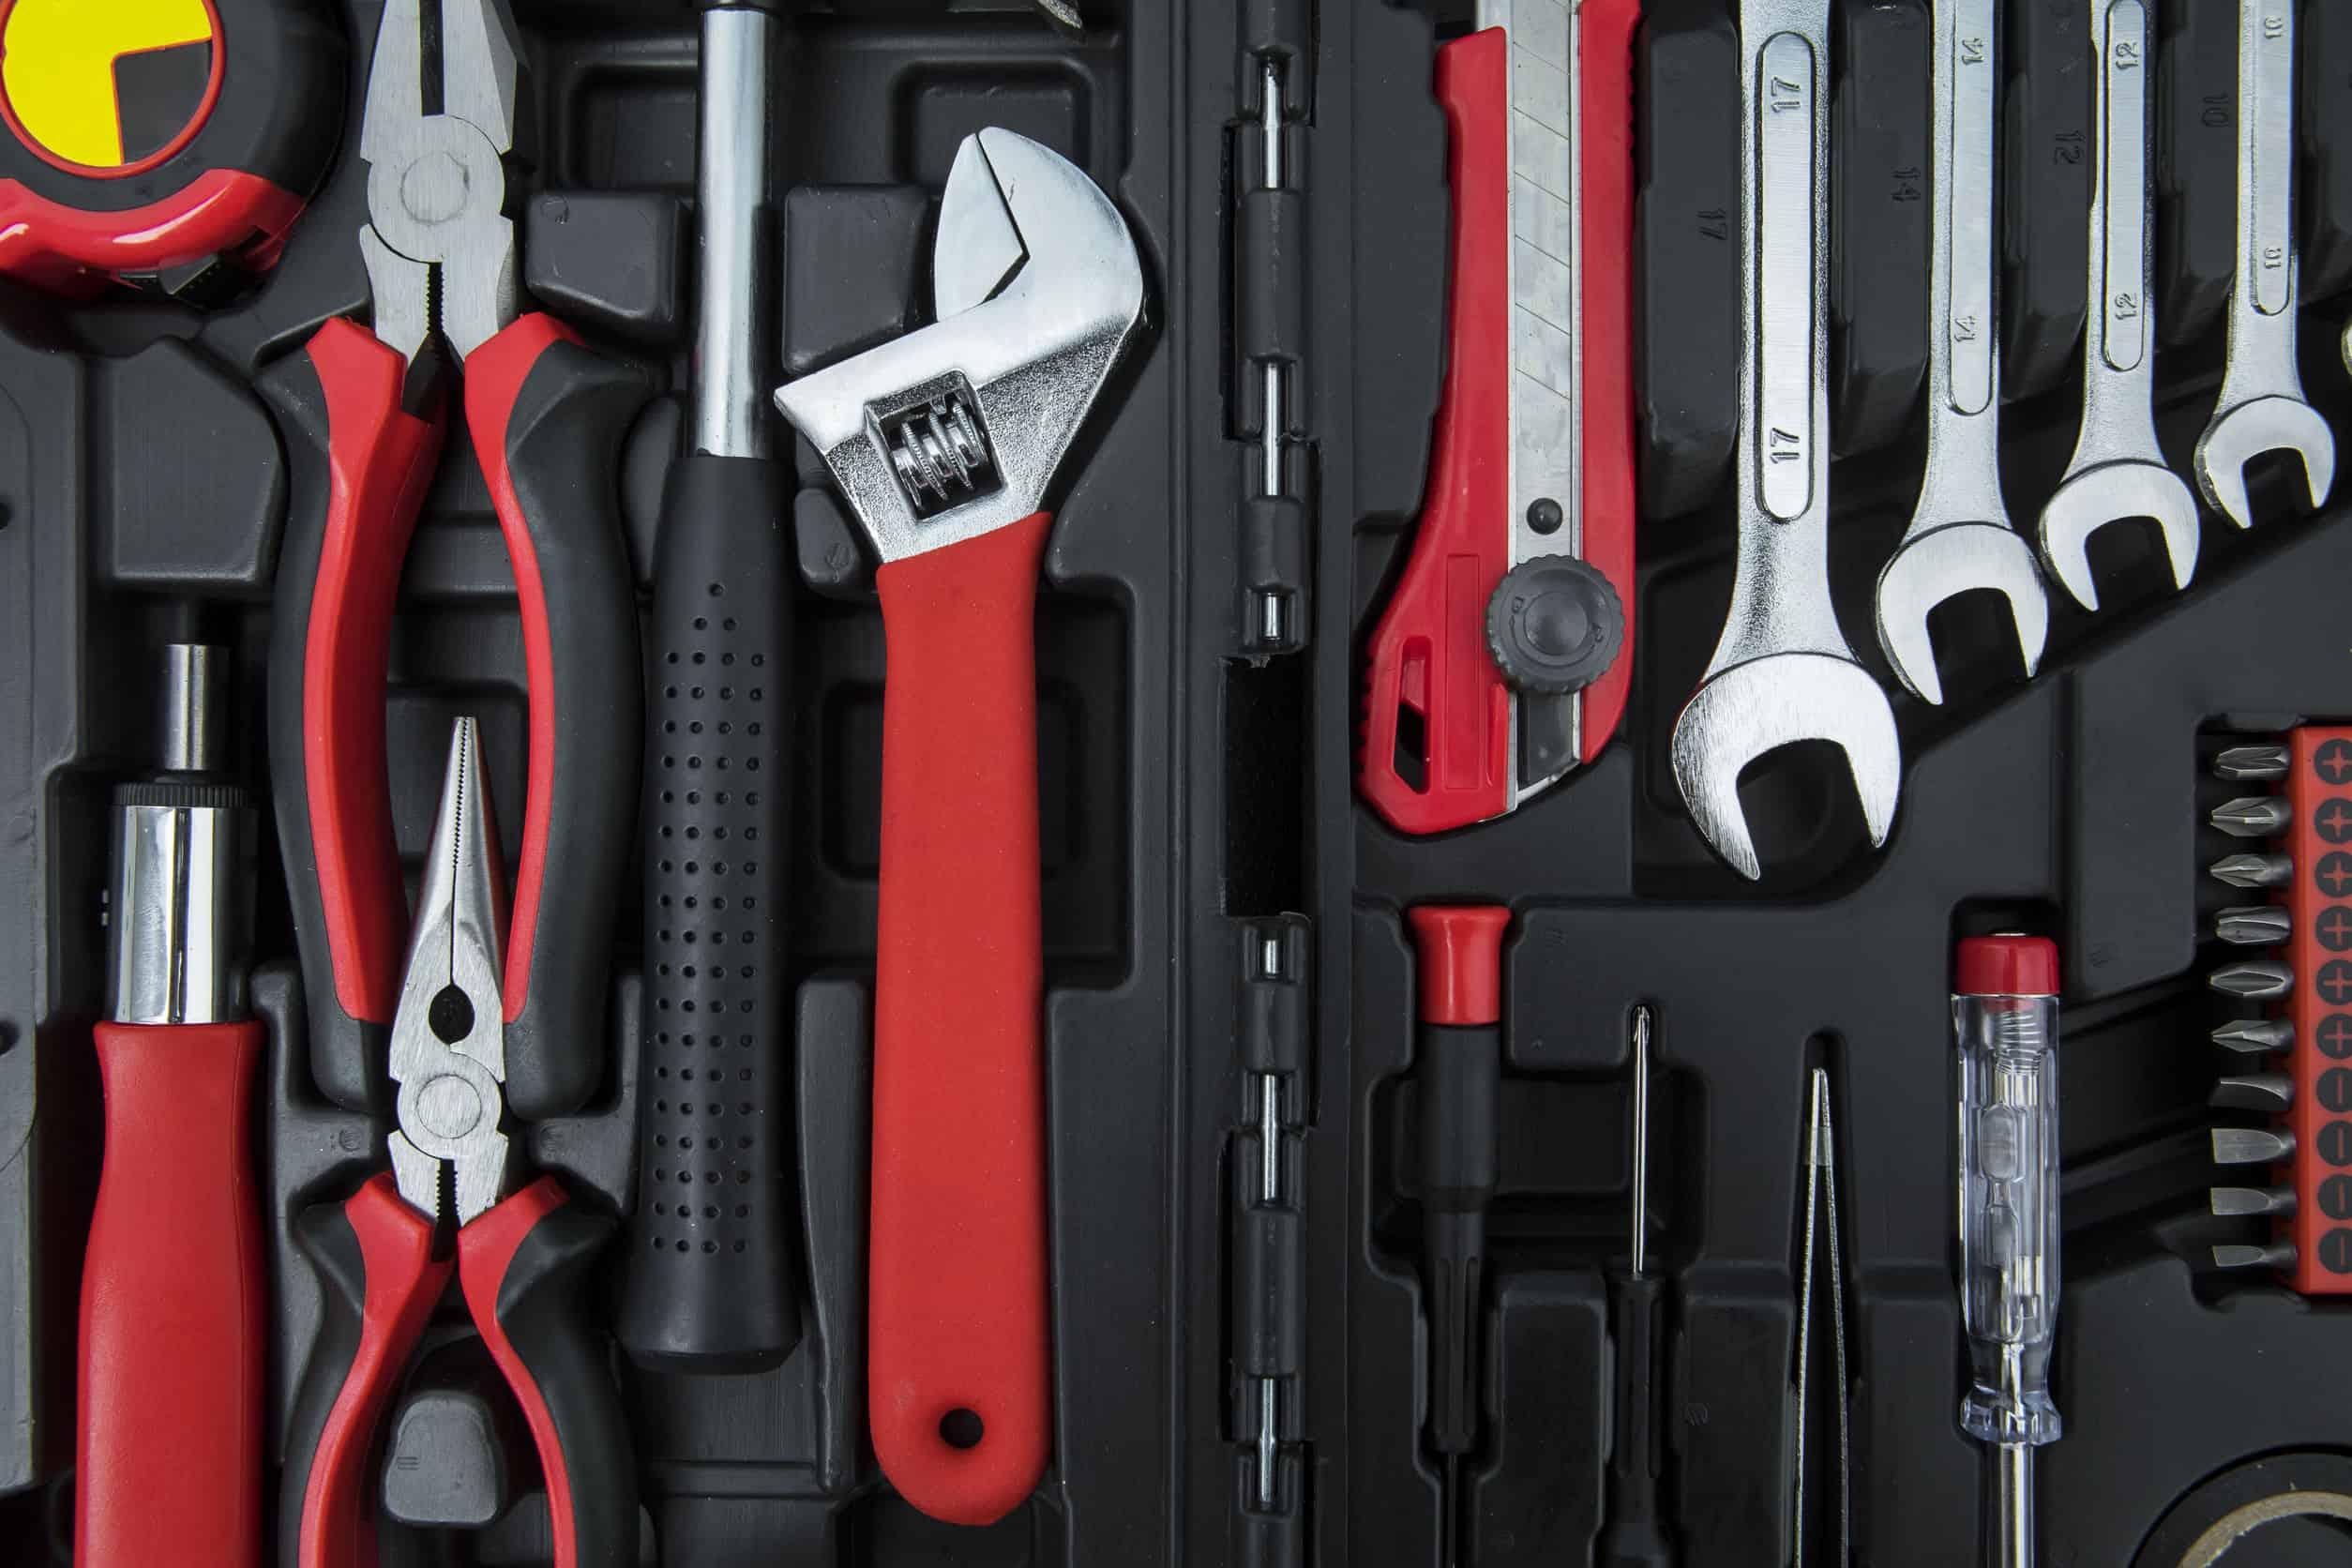 Juego de herramientas: ¿Cuáles son las mejores del 2020?